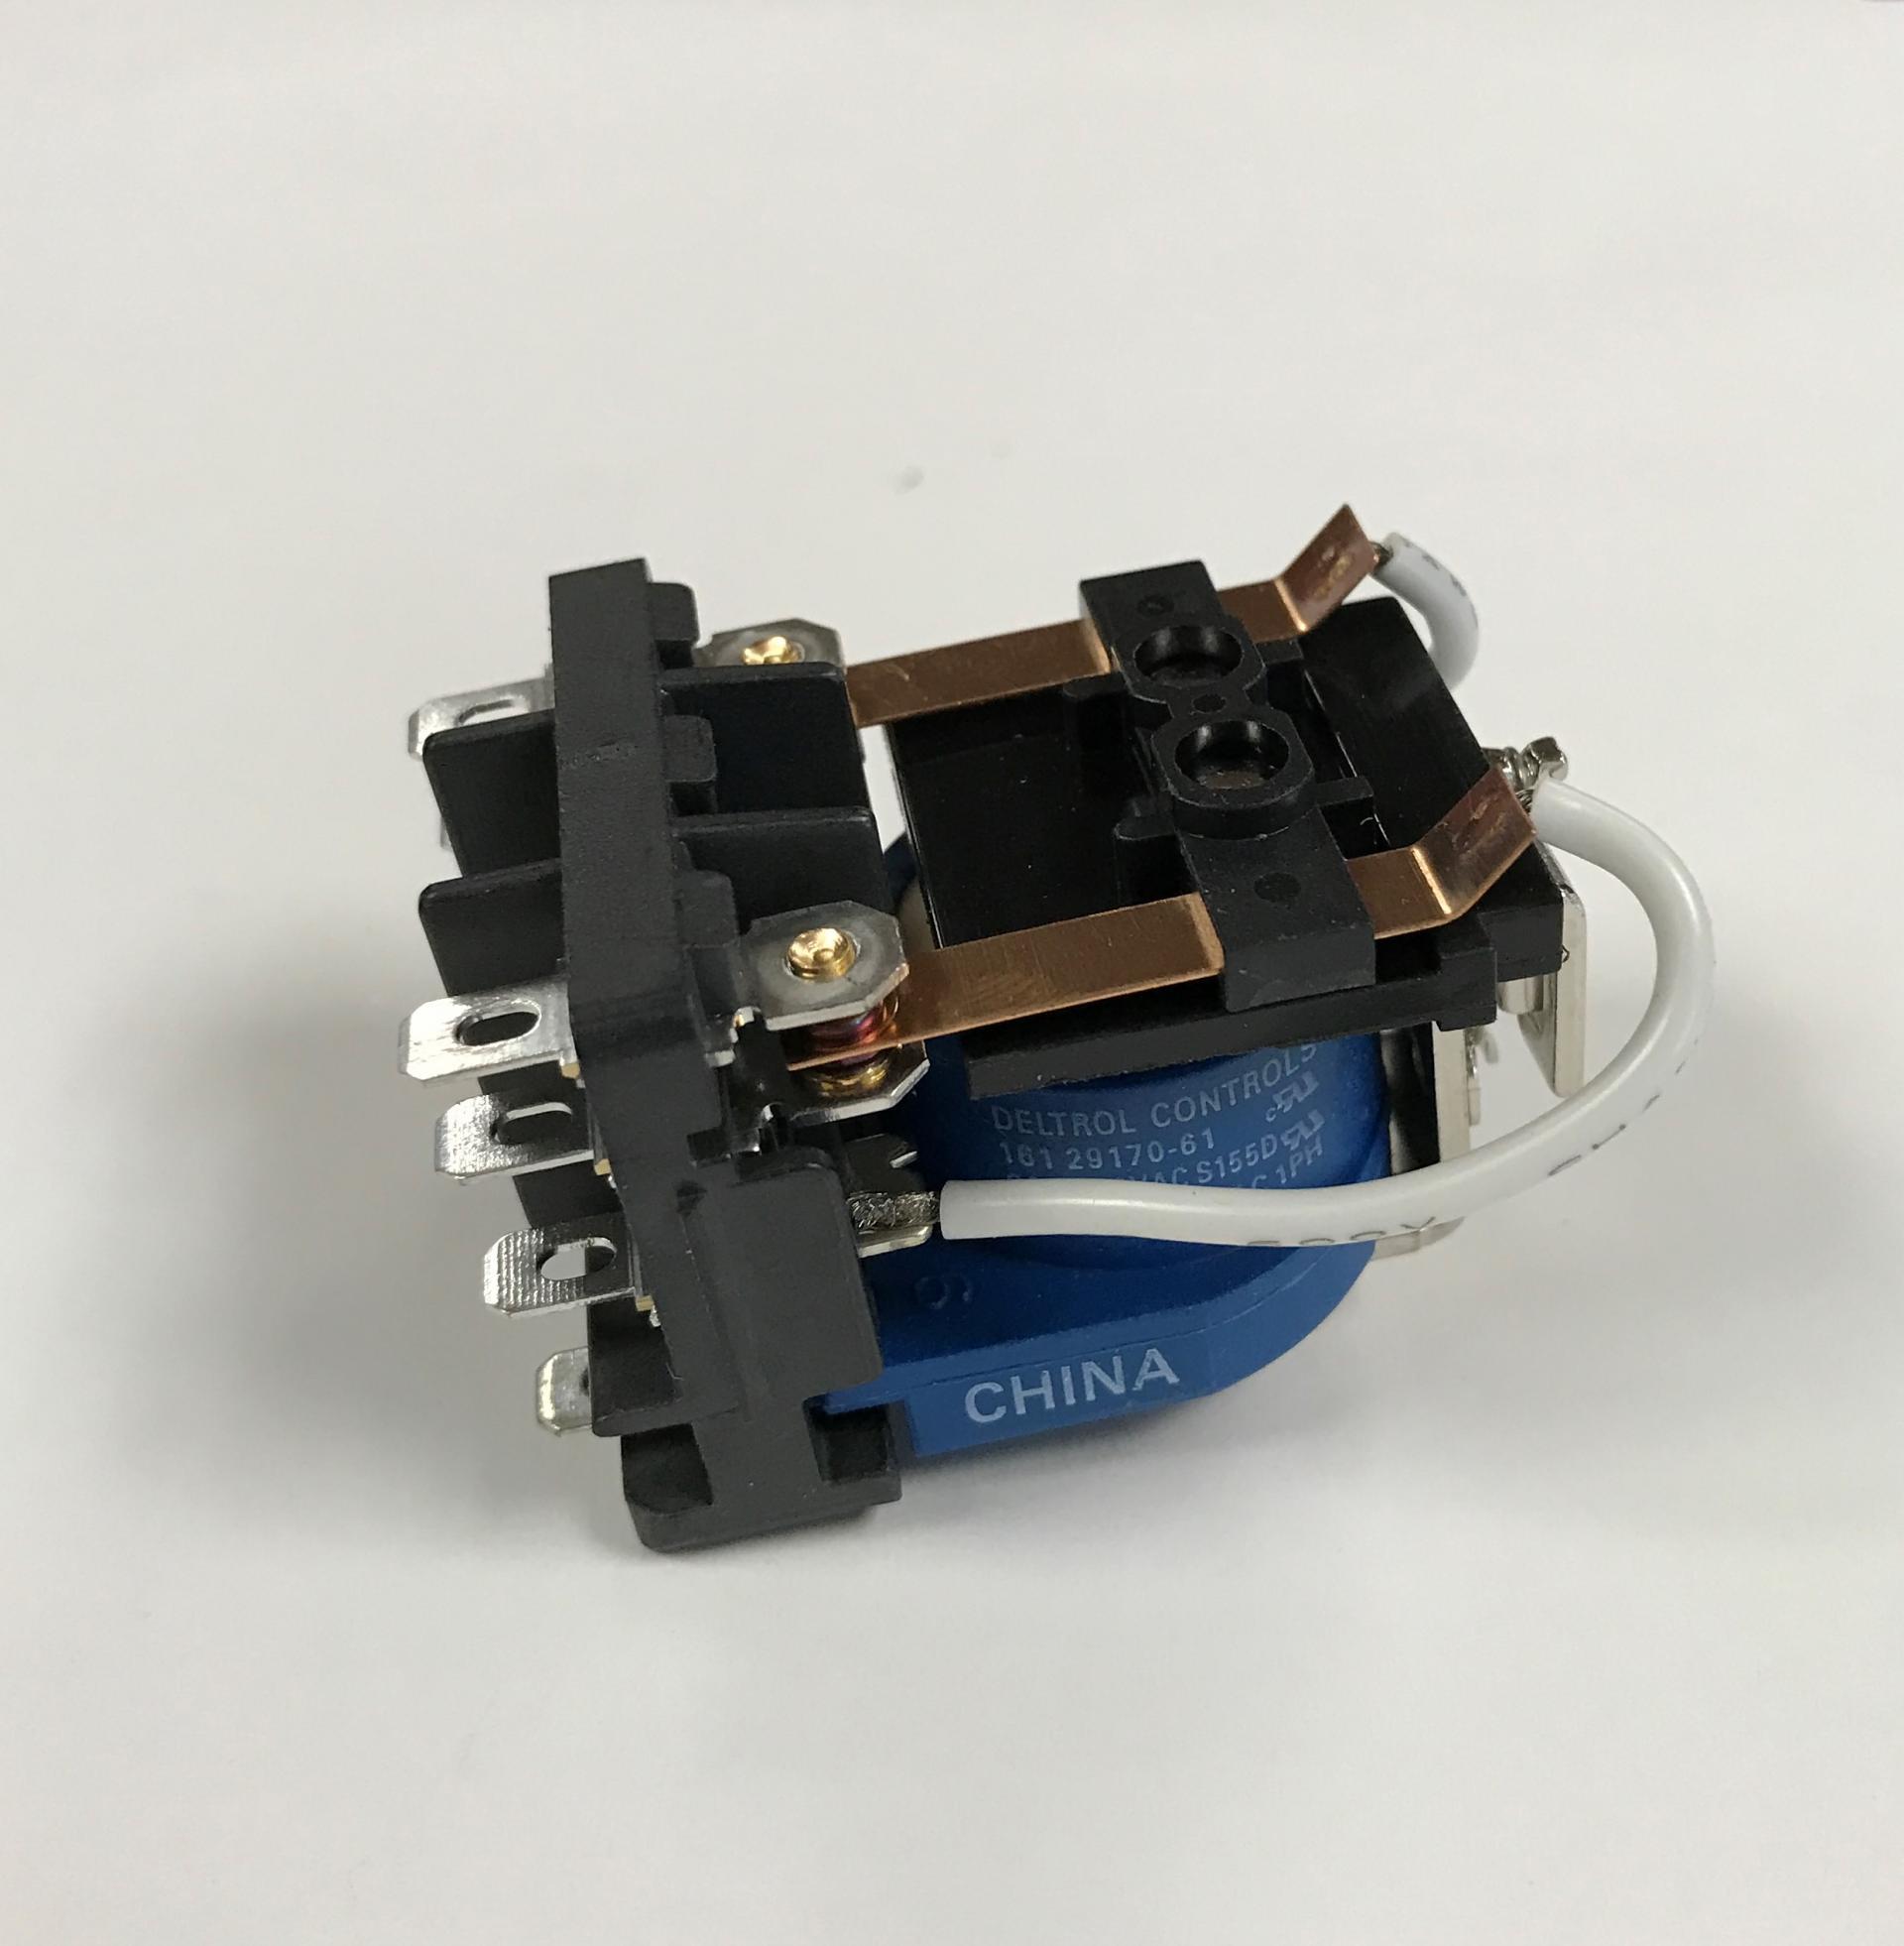 161 Relay 13A DPDT 120VAC   Deltrol Controls